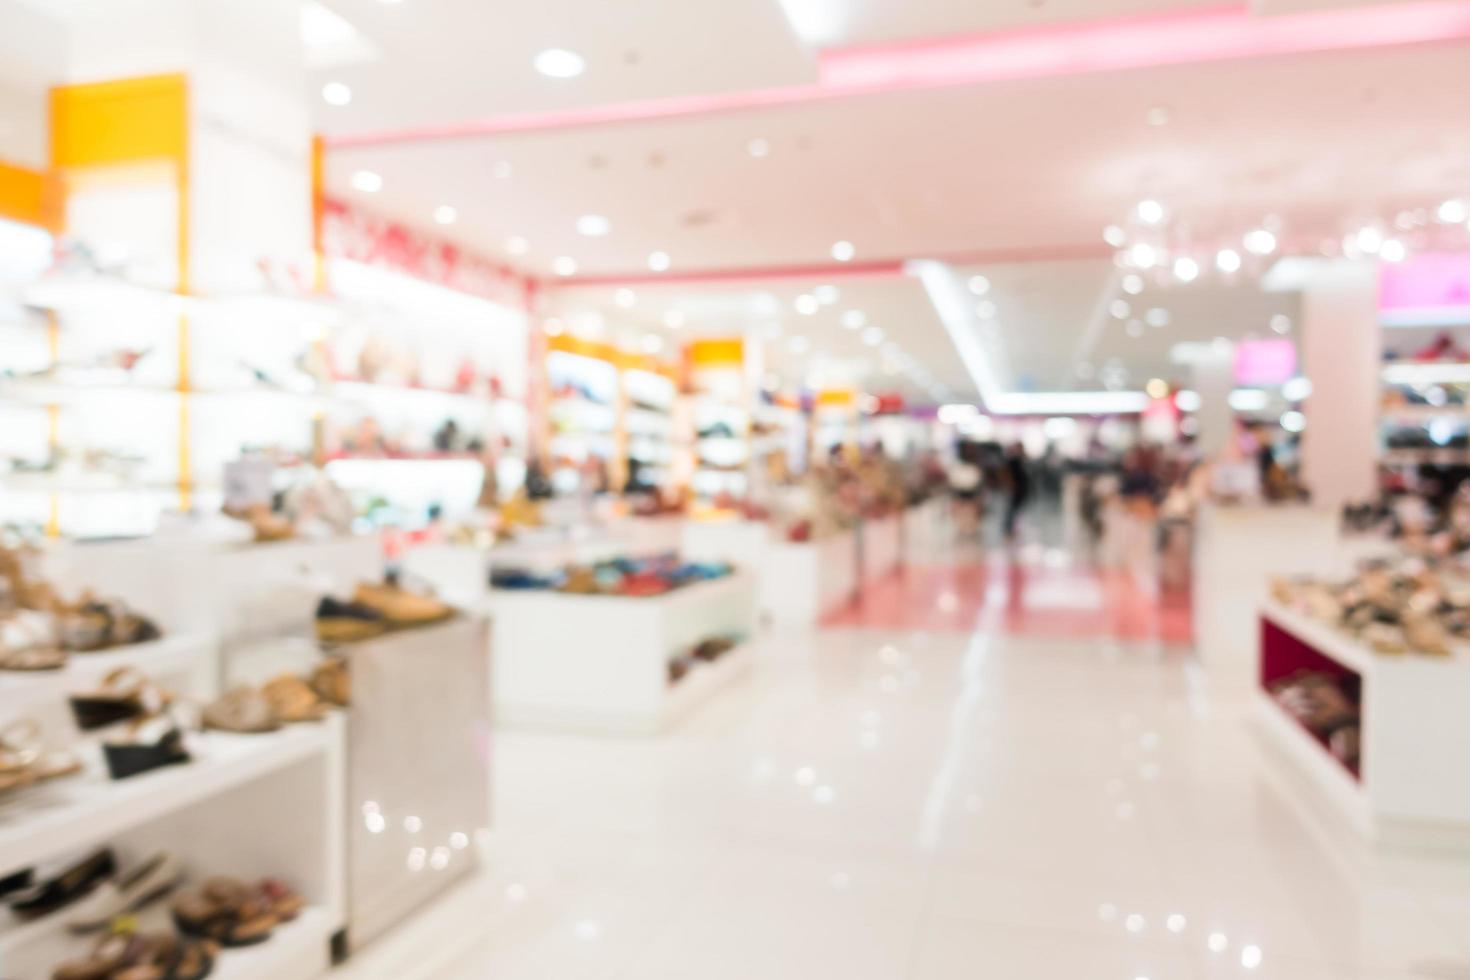 flou abstrait et centre commercial défocalisé photo